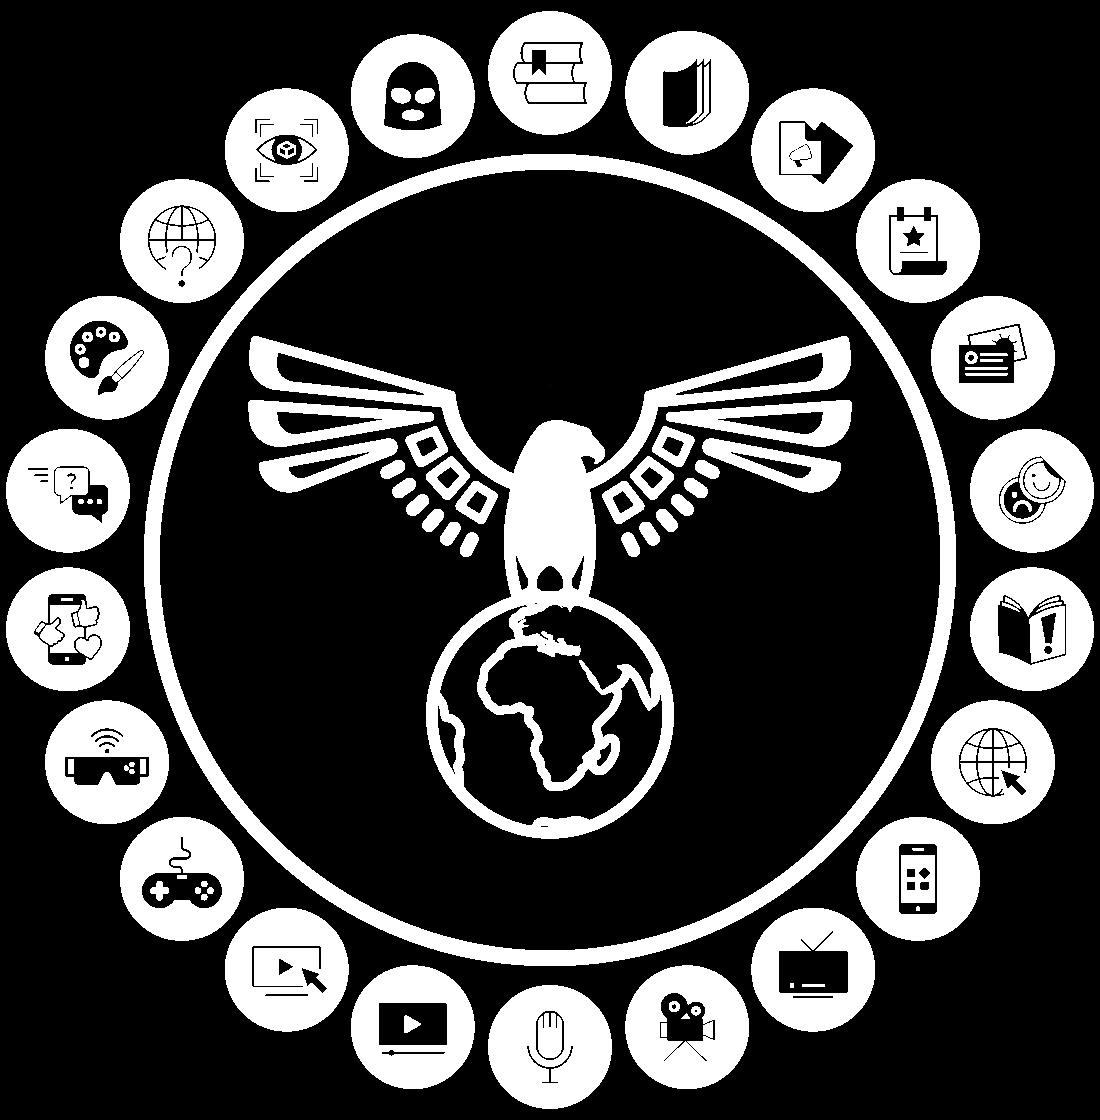 Creative Collaborative Media Design EaglesVision Transmedia Diagram